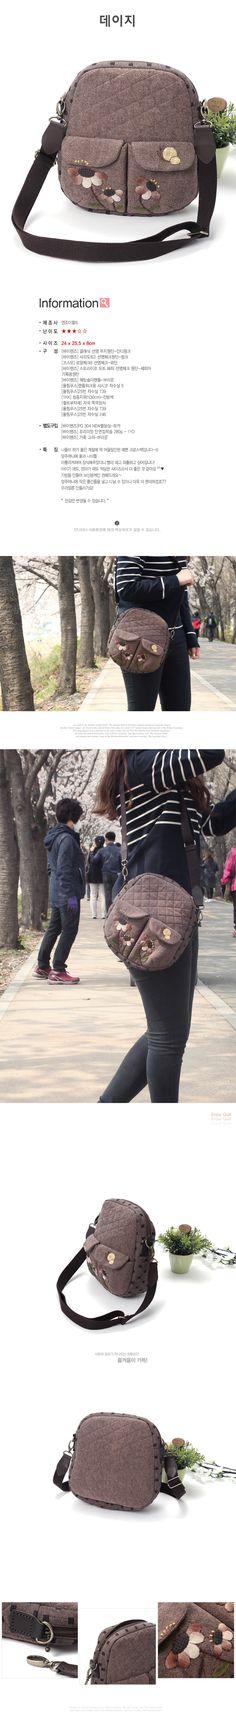 [엔조이퀼트] [바이핸즈] 퀼트패키지가방 데이지 크로스백 Japanese Patchwork, Japanese Bag, Patchwork Bags, Quilted Bag, Mini Purse, Mini Backpack, Kids Bags, Applique Quilts, Small Bags